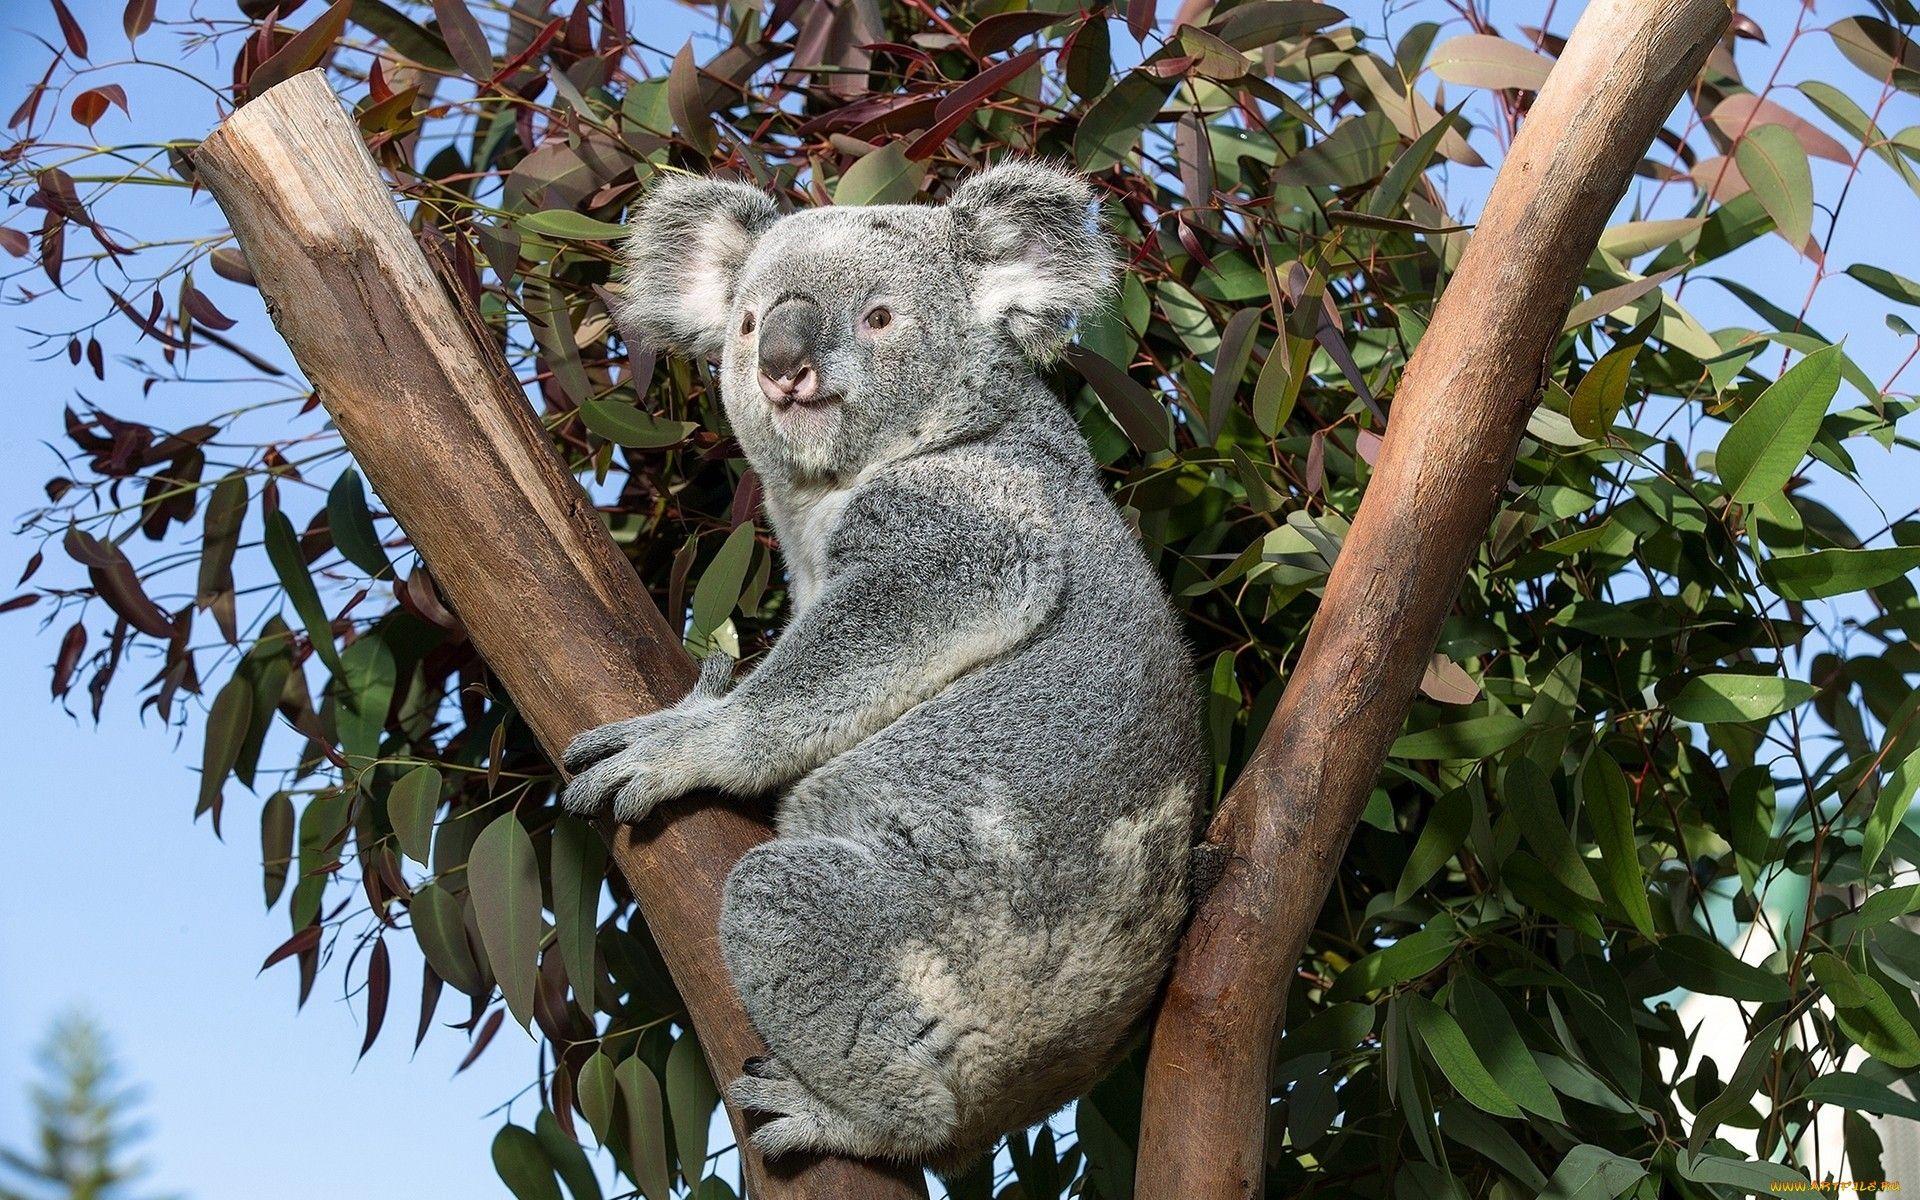 лучшие специальные коала фото животного поганый ворог-половец